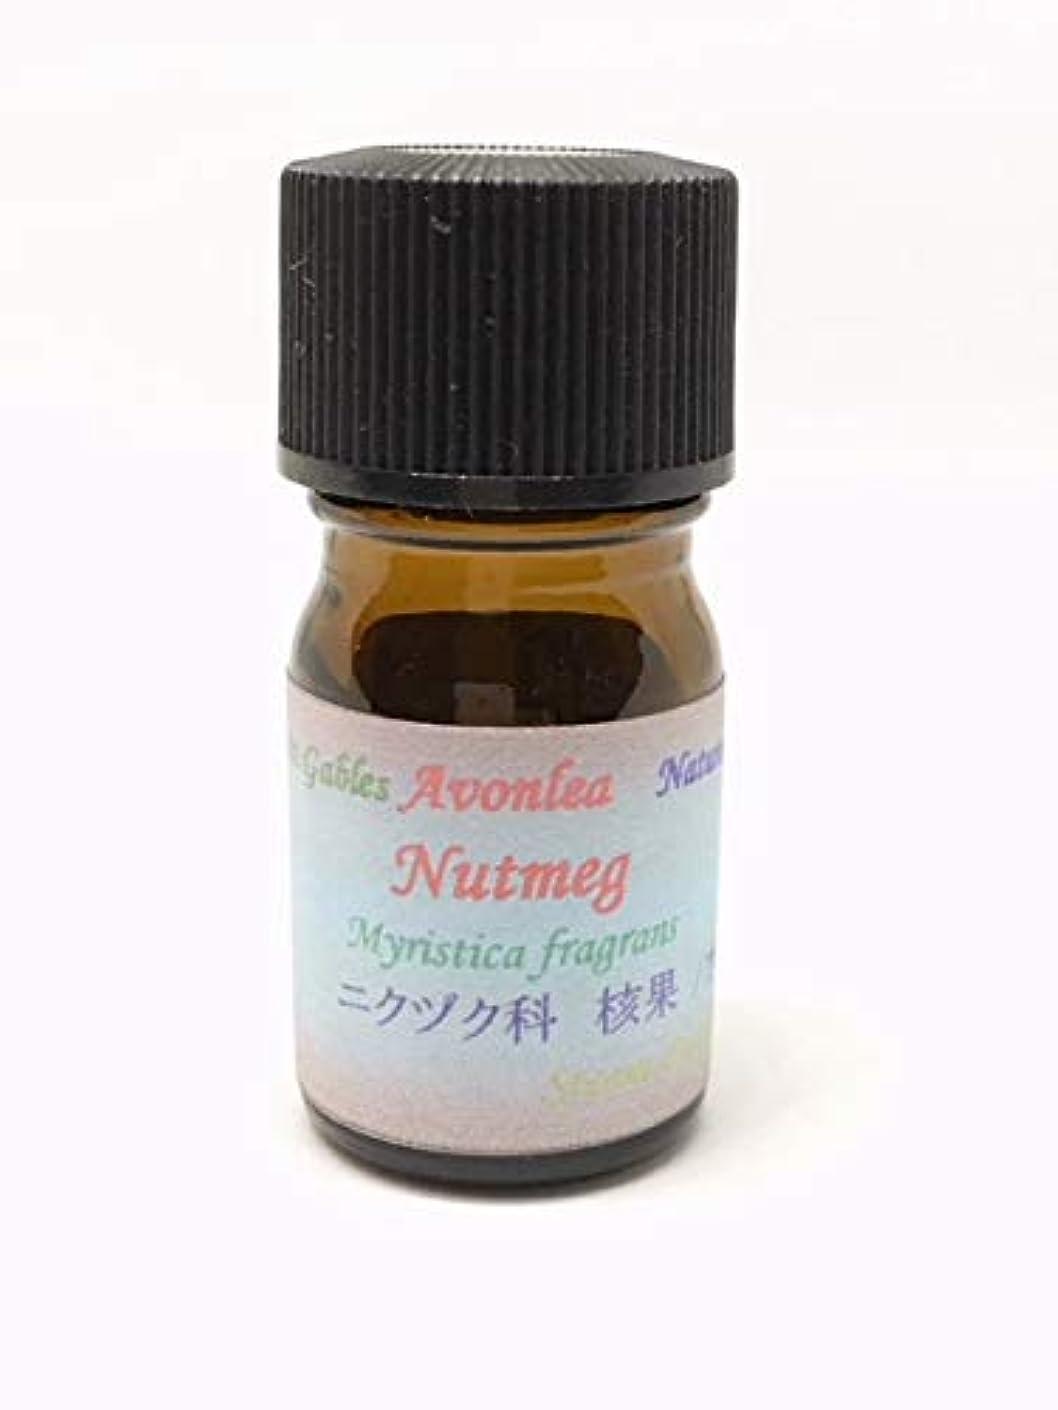 校長普遍的な学習ナツメグ 100% ピュア エッセンシャルオイル 高級精油 30ml Nutmeg